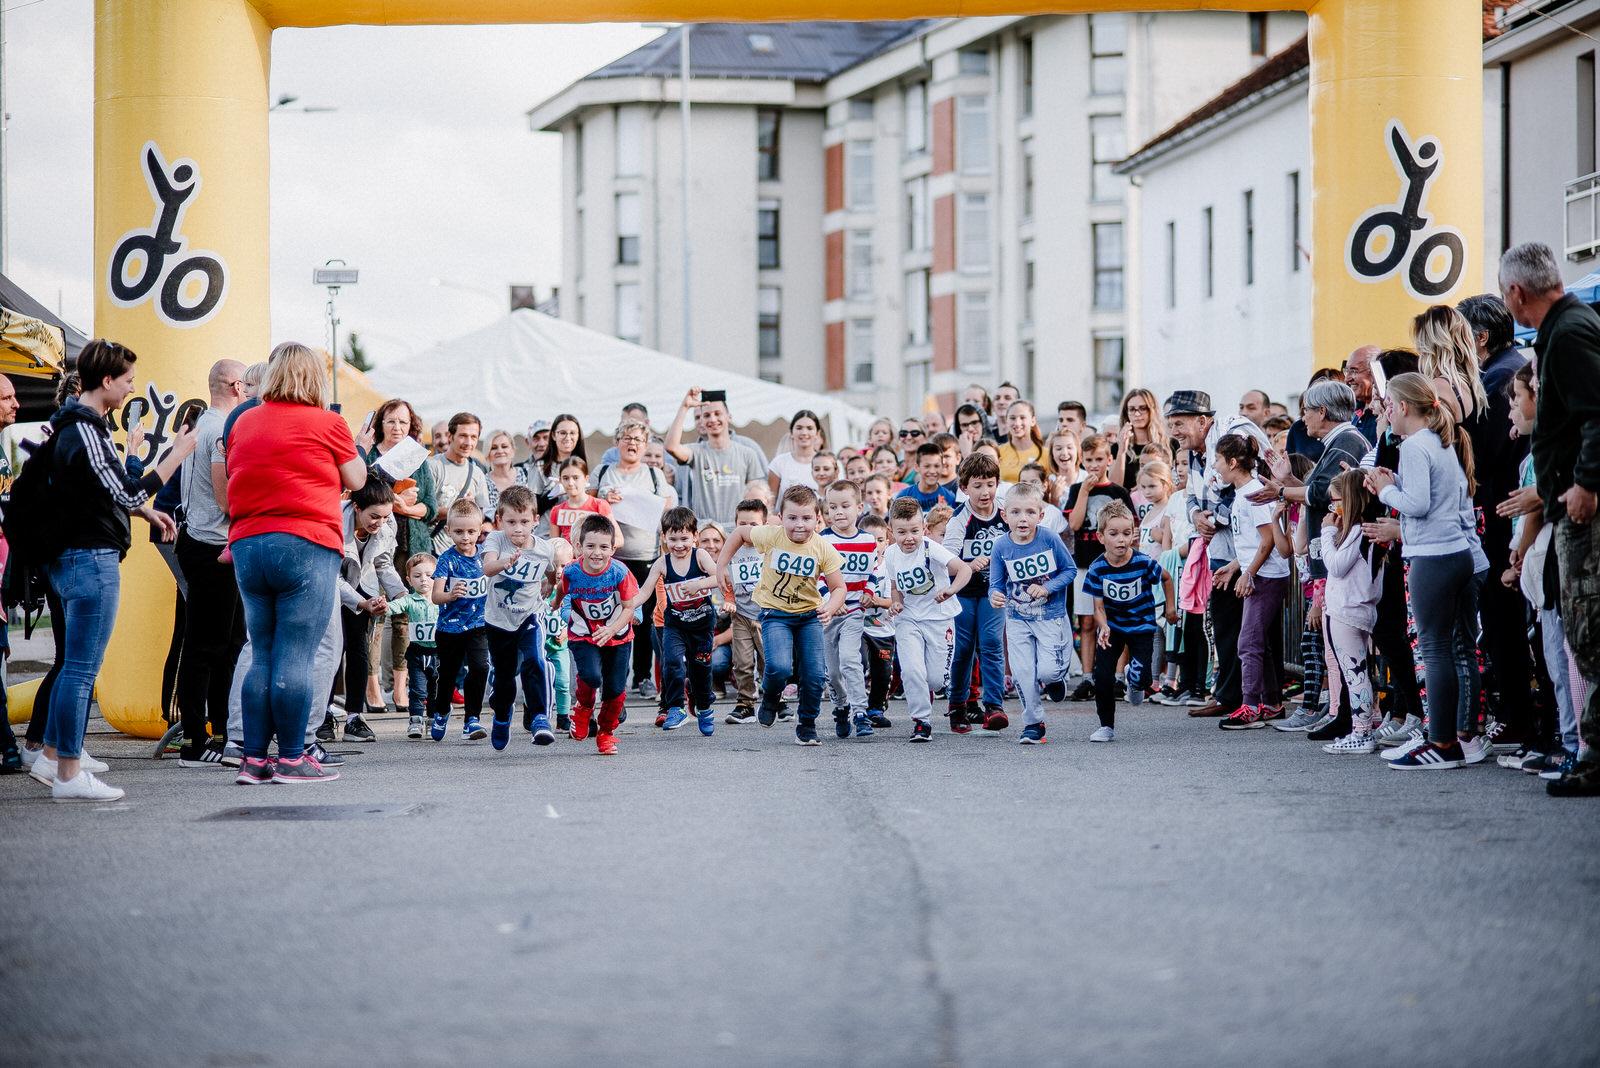 likaclub_korenica_noćna-utrka-2019-8